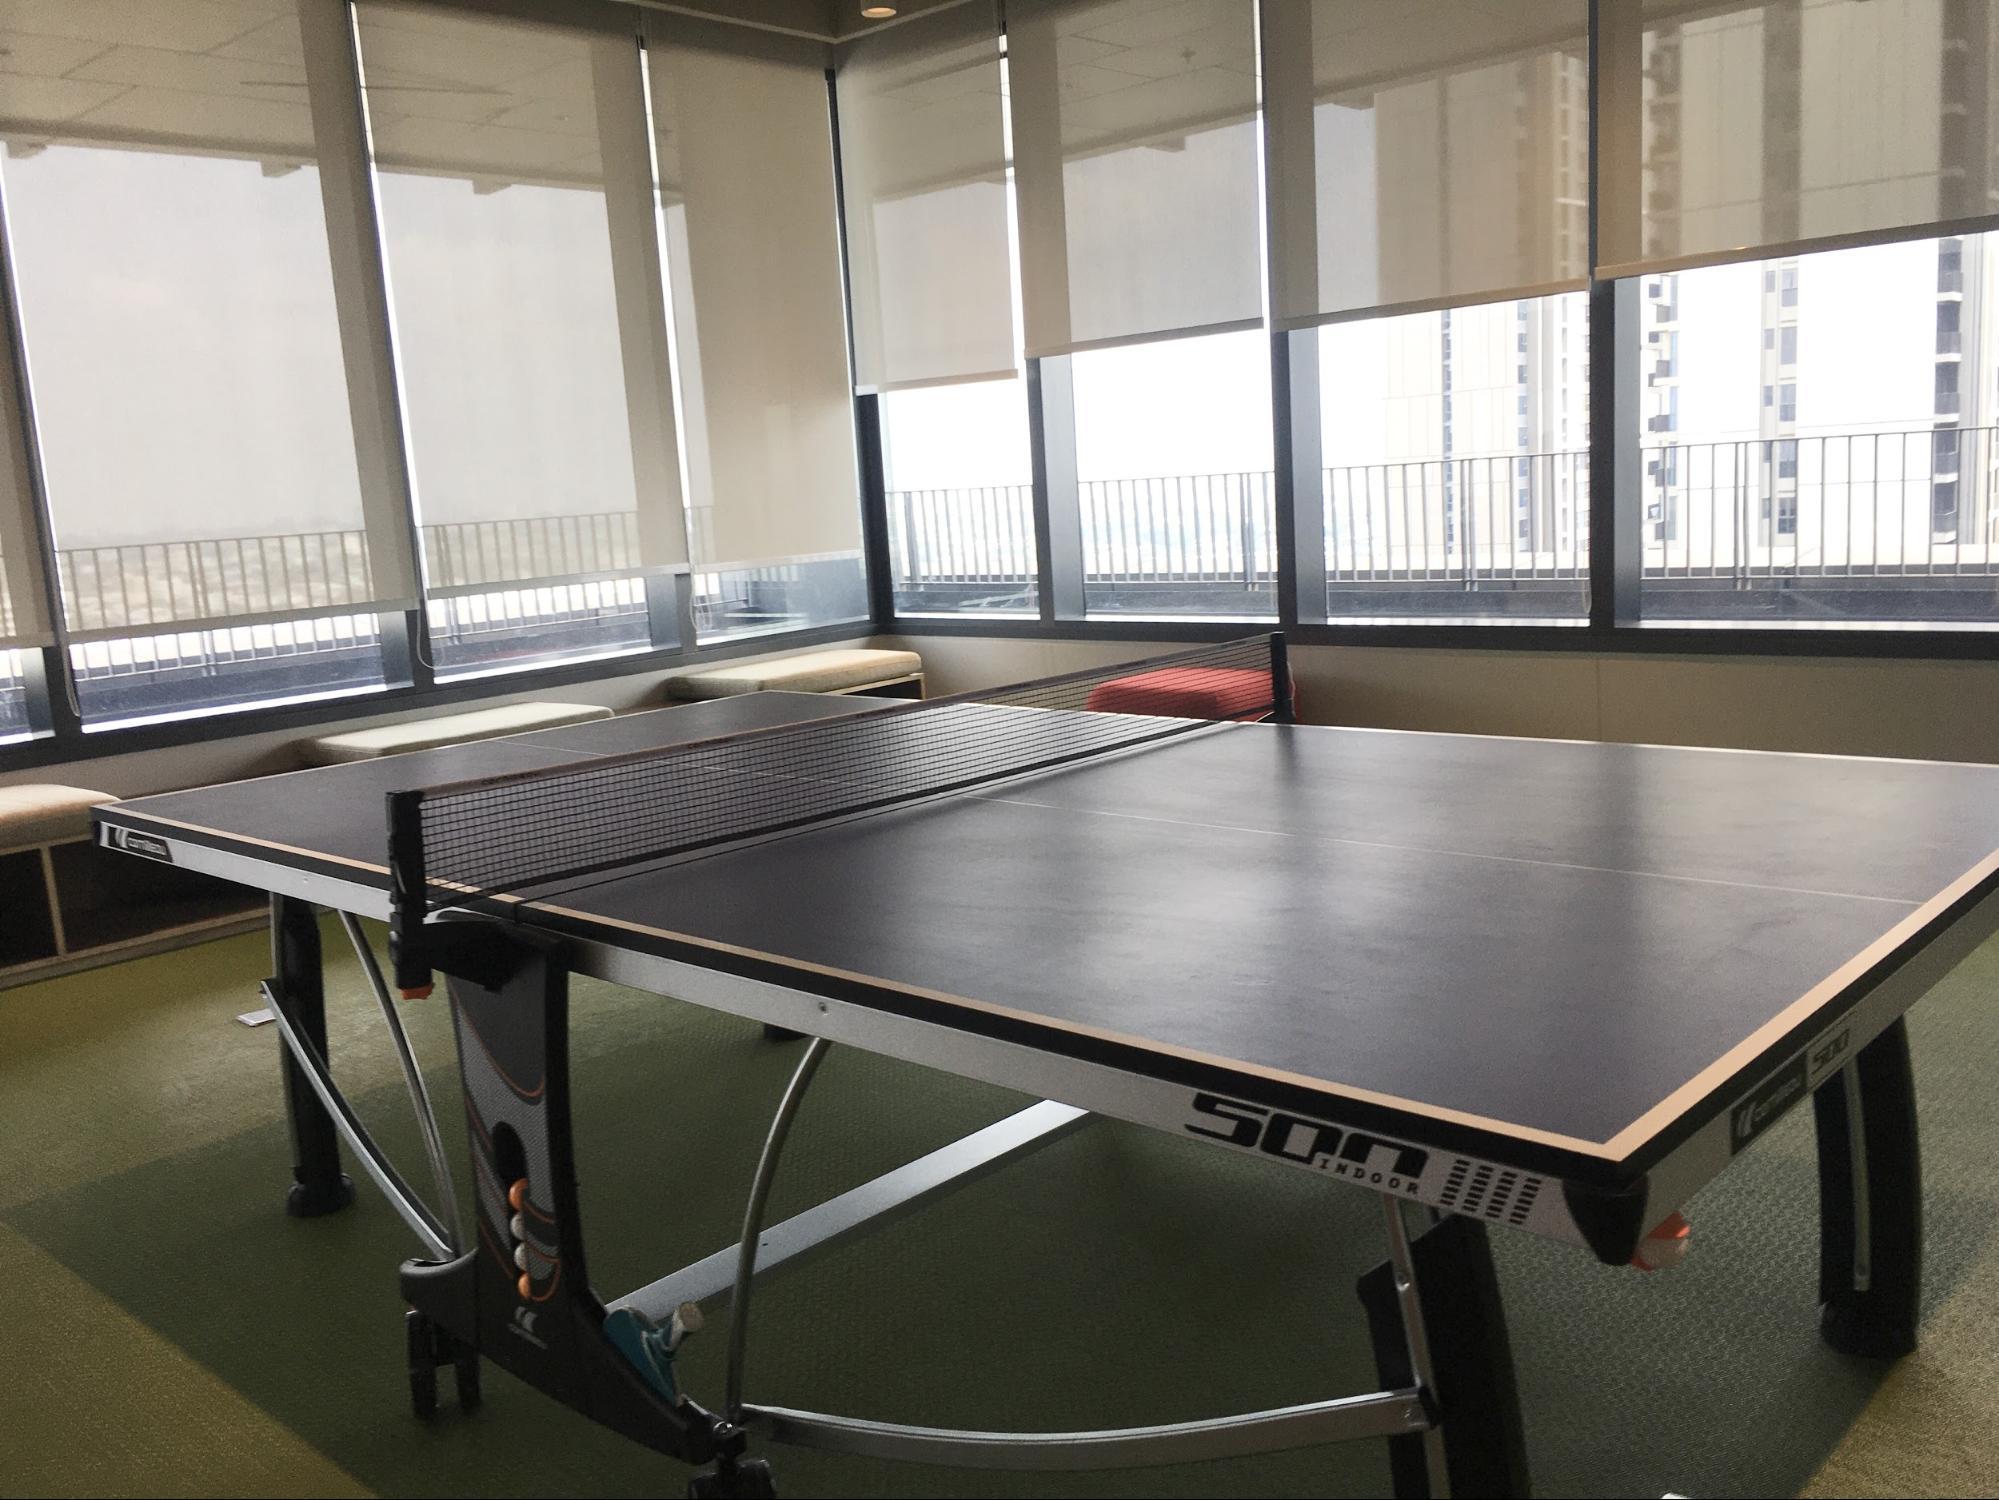 โซนกิจกรรม มีโต๊ะพูล และโต๊ะปิงปอง ไว้คลายเครียด